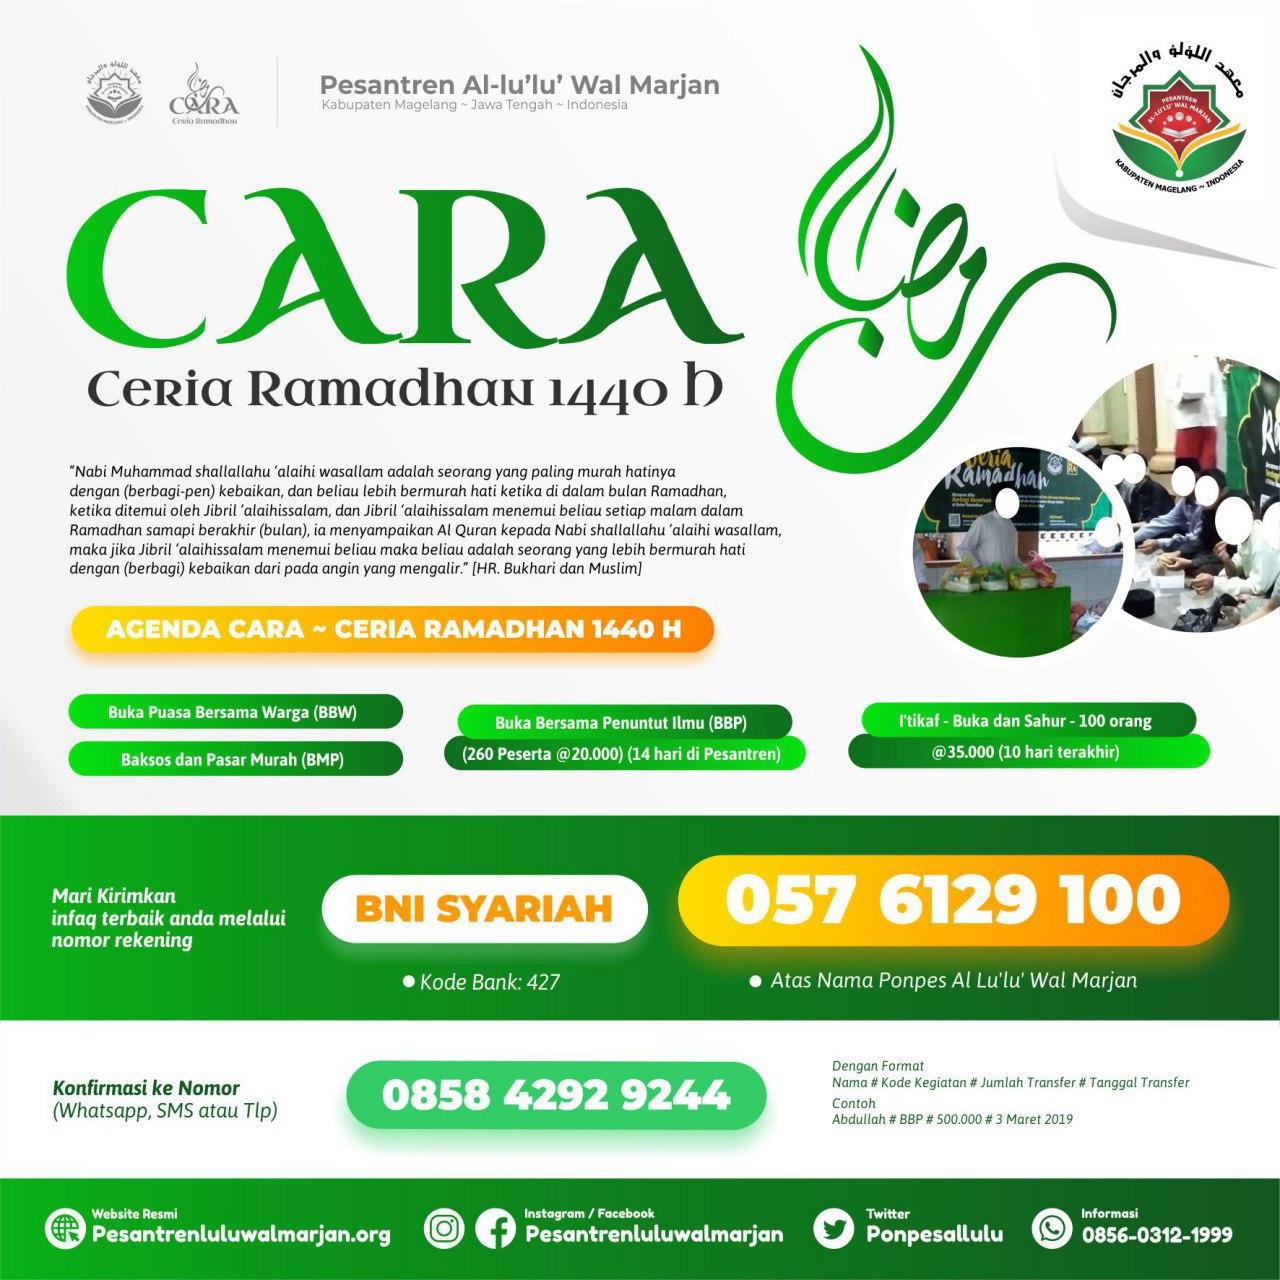 Proposal CARA (Ceria Ramadhan) 1440 H